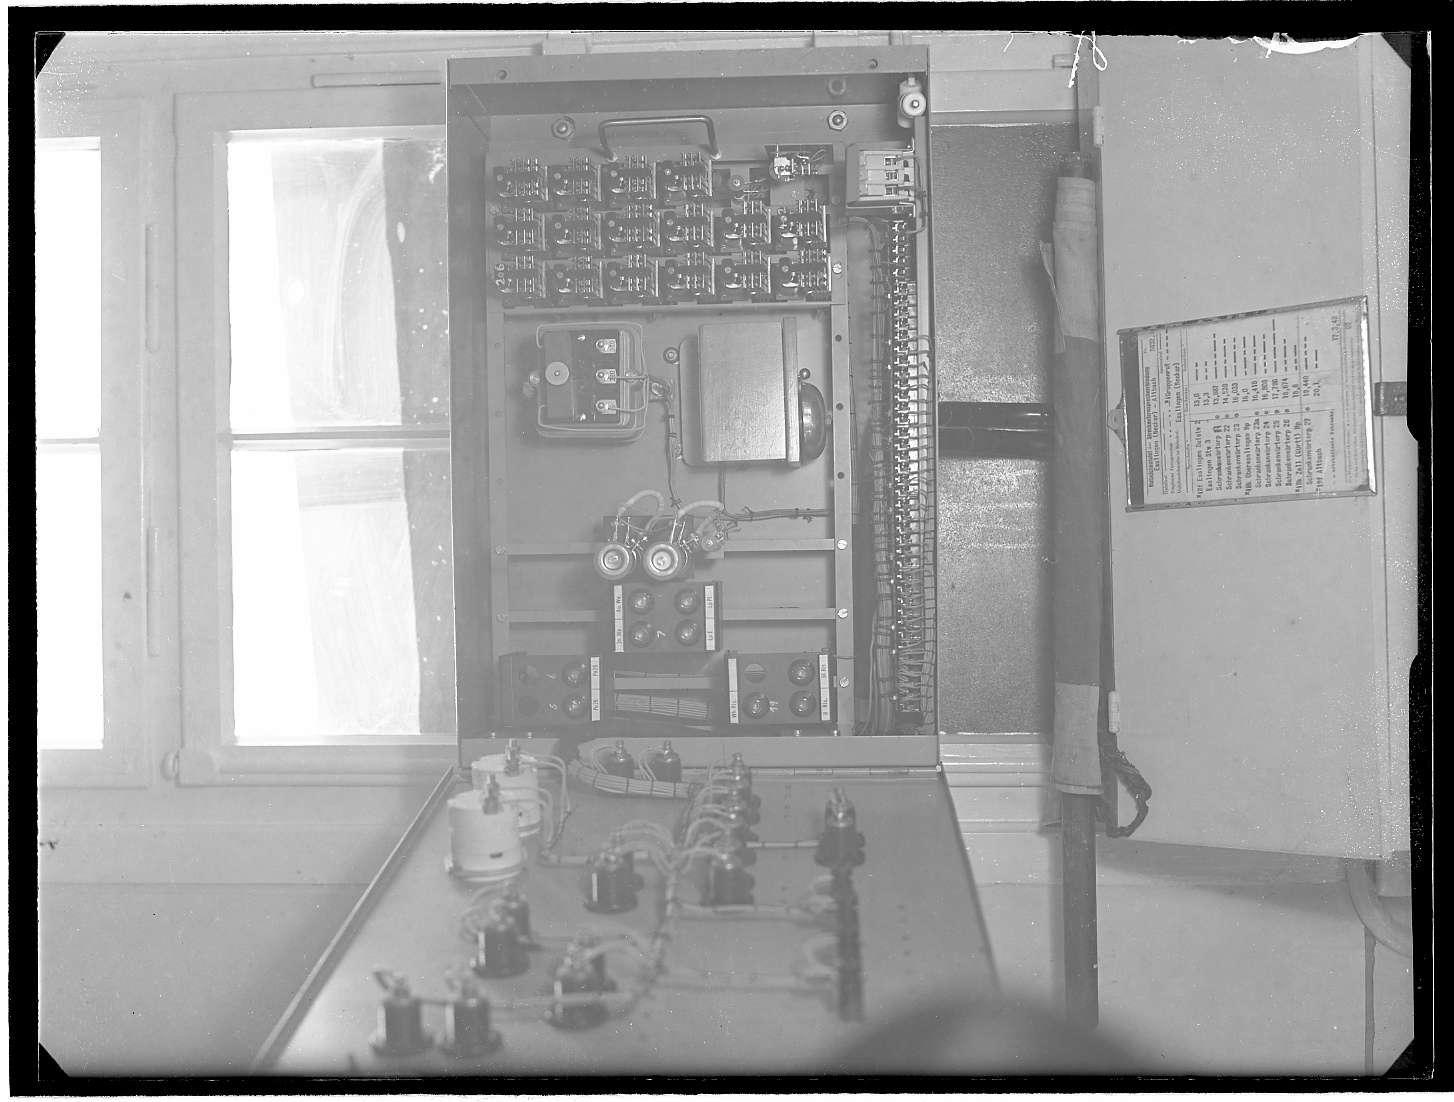 Zell, Bf, Schaltkasten für automatische Signale, Bild 1